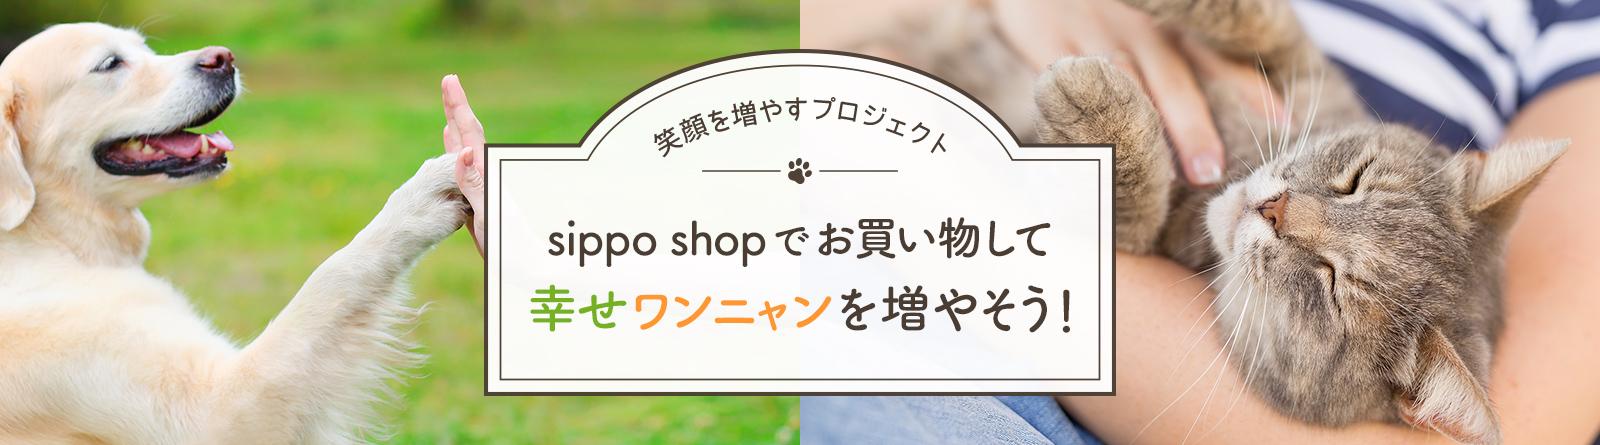 sippo shopでお買い物して幸せワンニャンを増やそう!